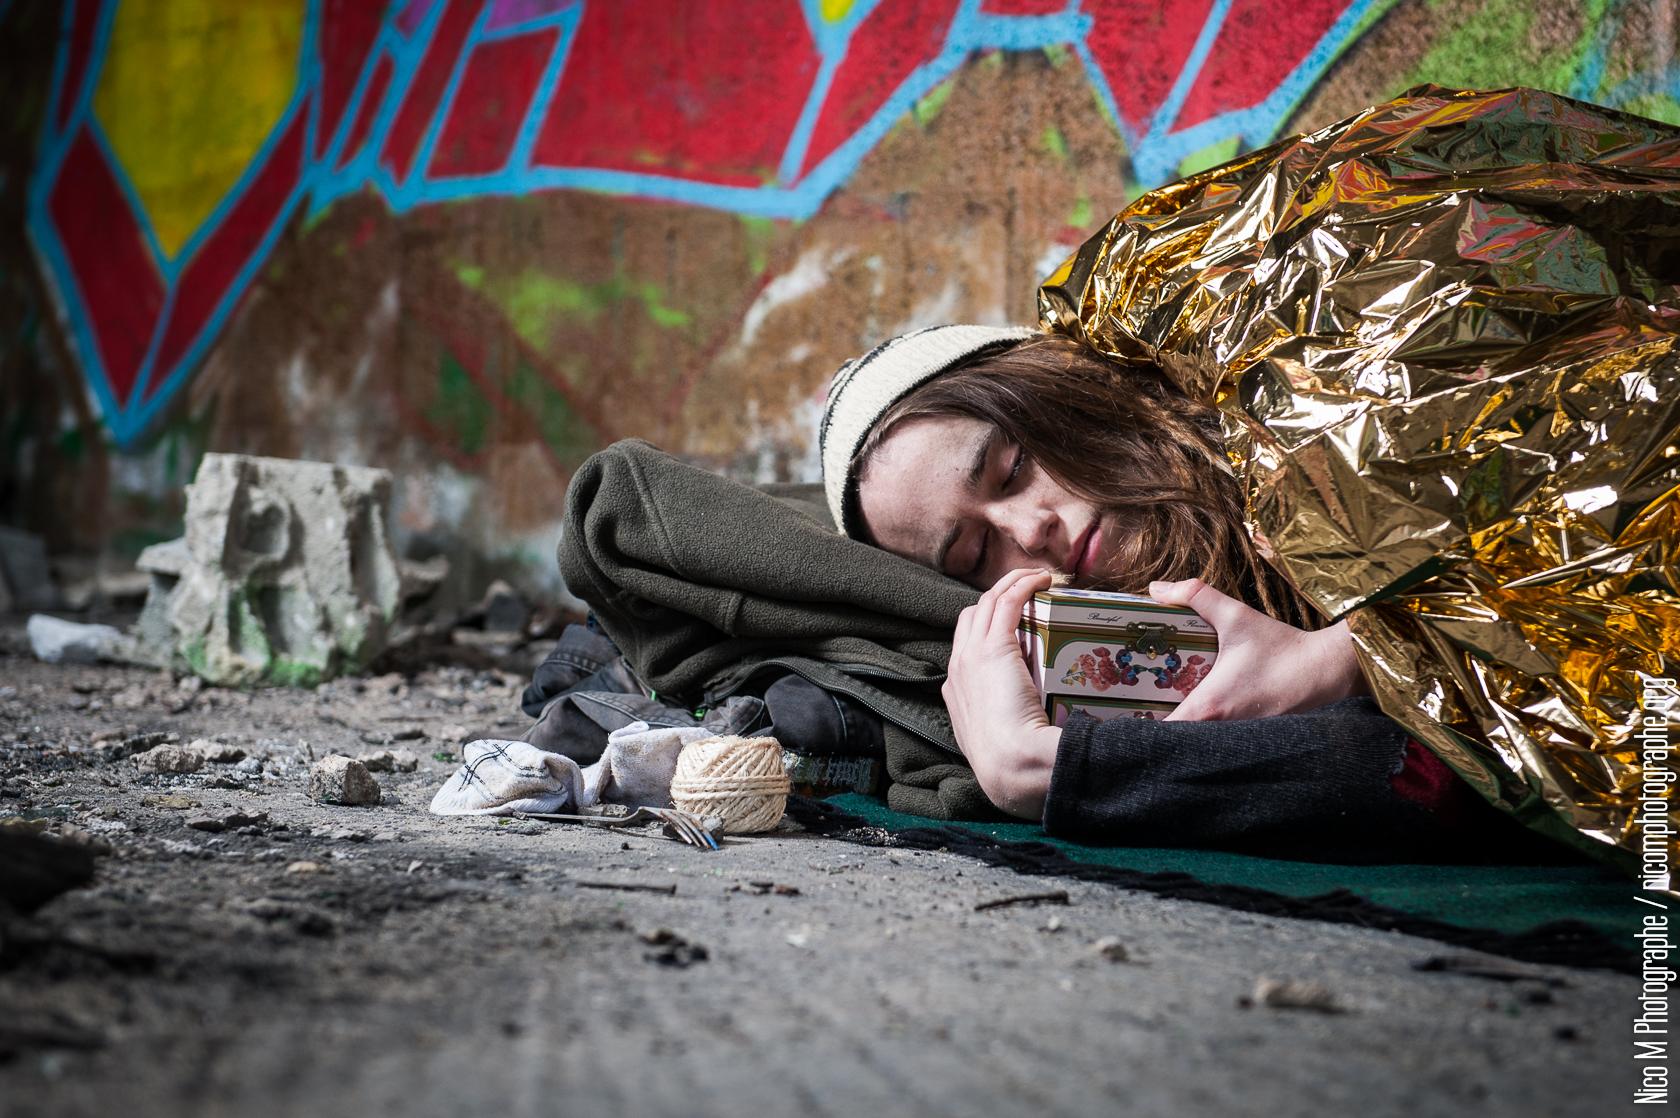 le royaume d Elle, Nico M Photographe-11